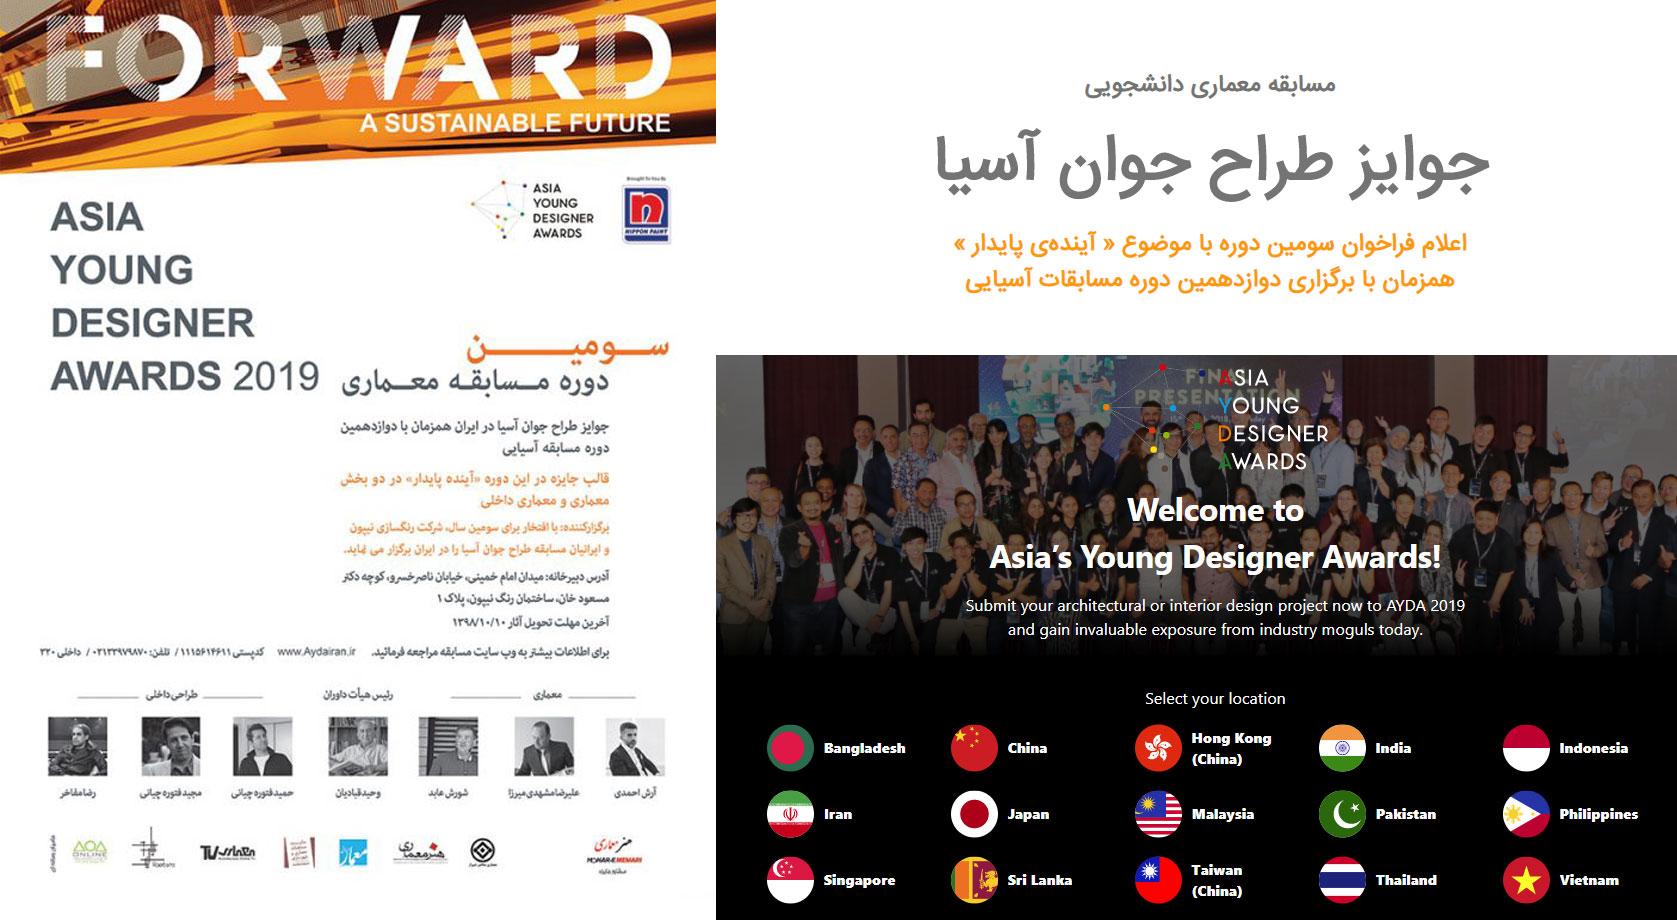 فراخوان سومین دوره  طراح جوان آسیا  با موضوع آیندهی پایدار